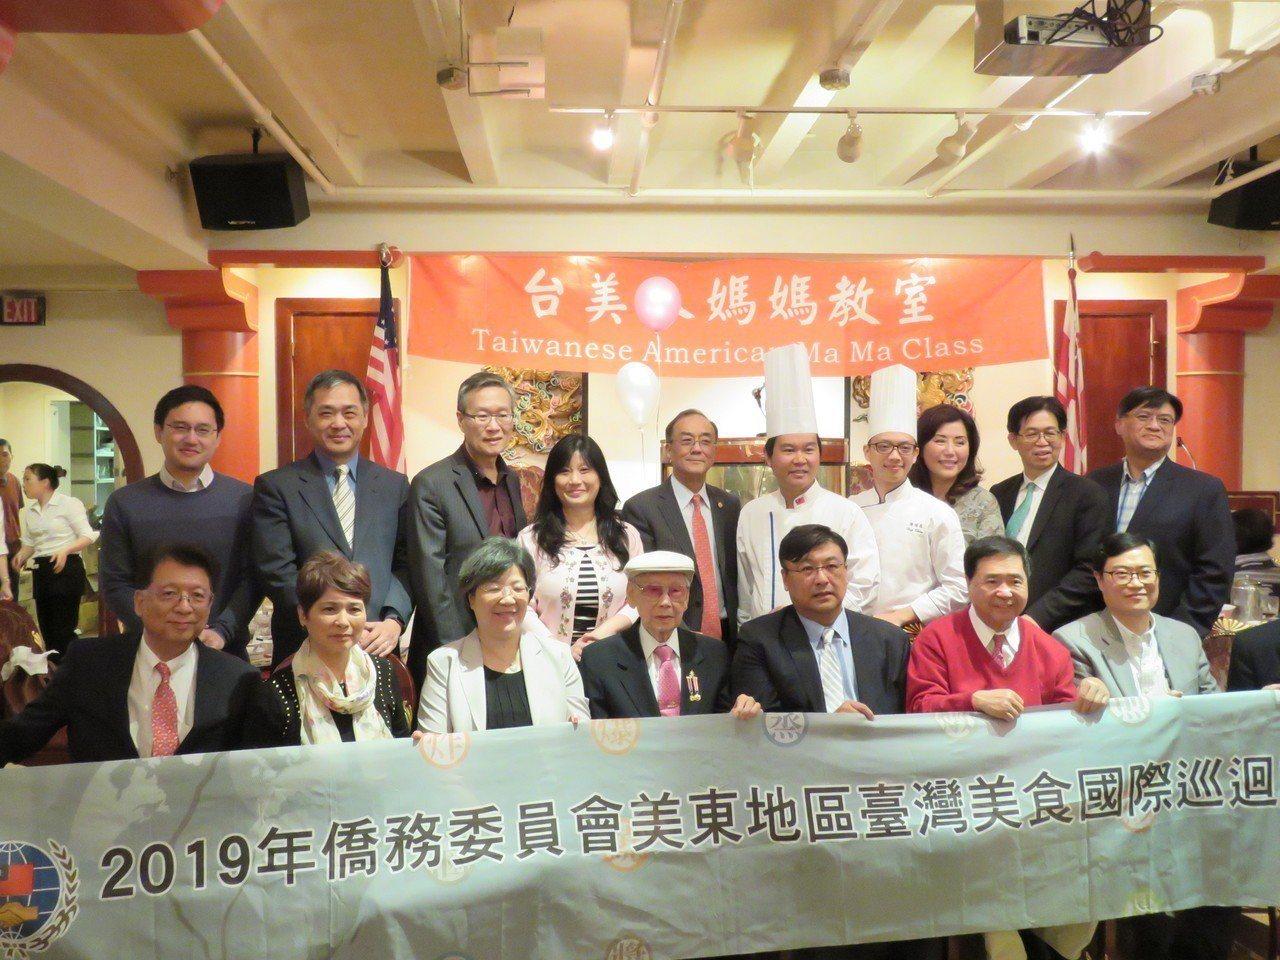 華府社團「台美人媽媽教室」舉行周年慶,推廣台灣美食。華盛頓記者張加/攝影